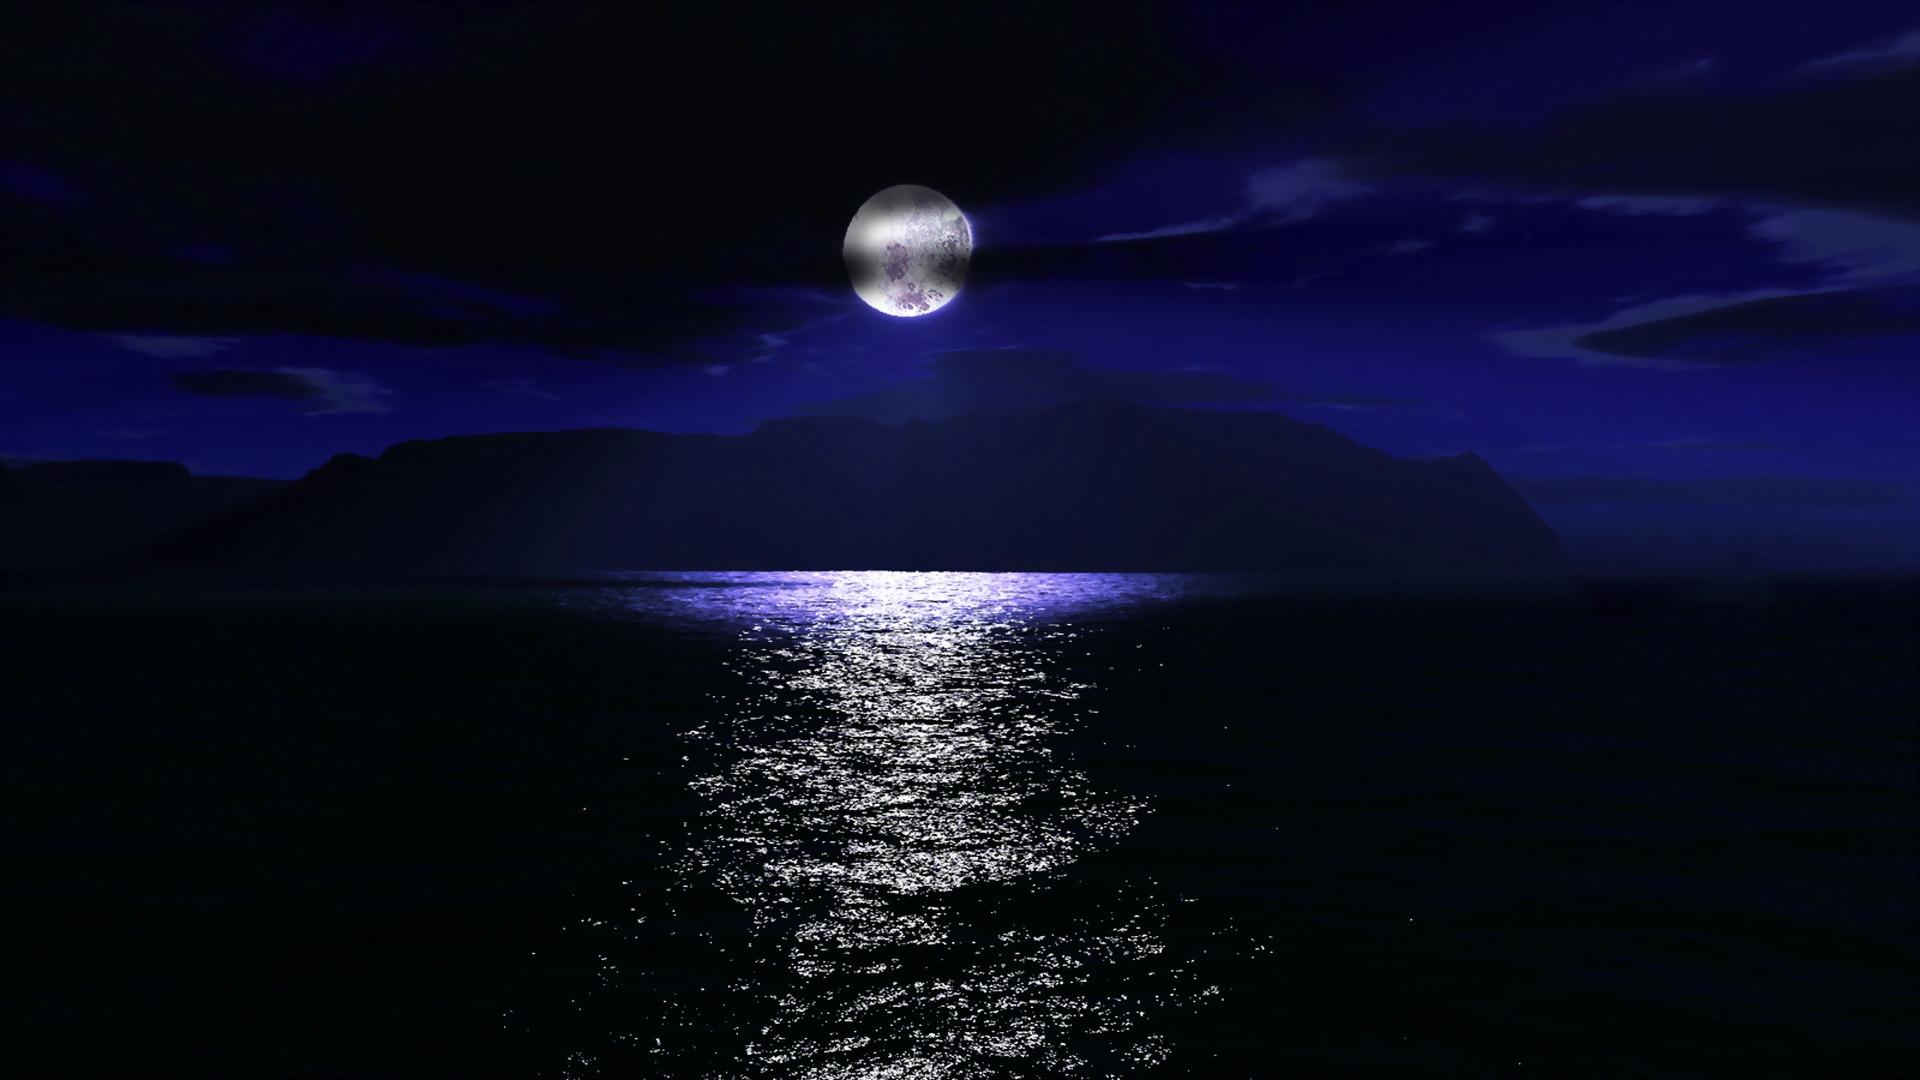 Эротичный лунный свет фото 15 фотография